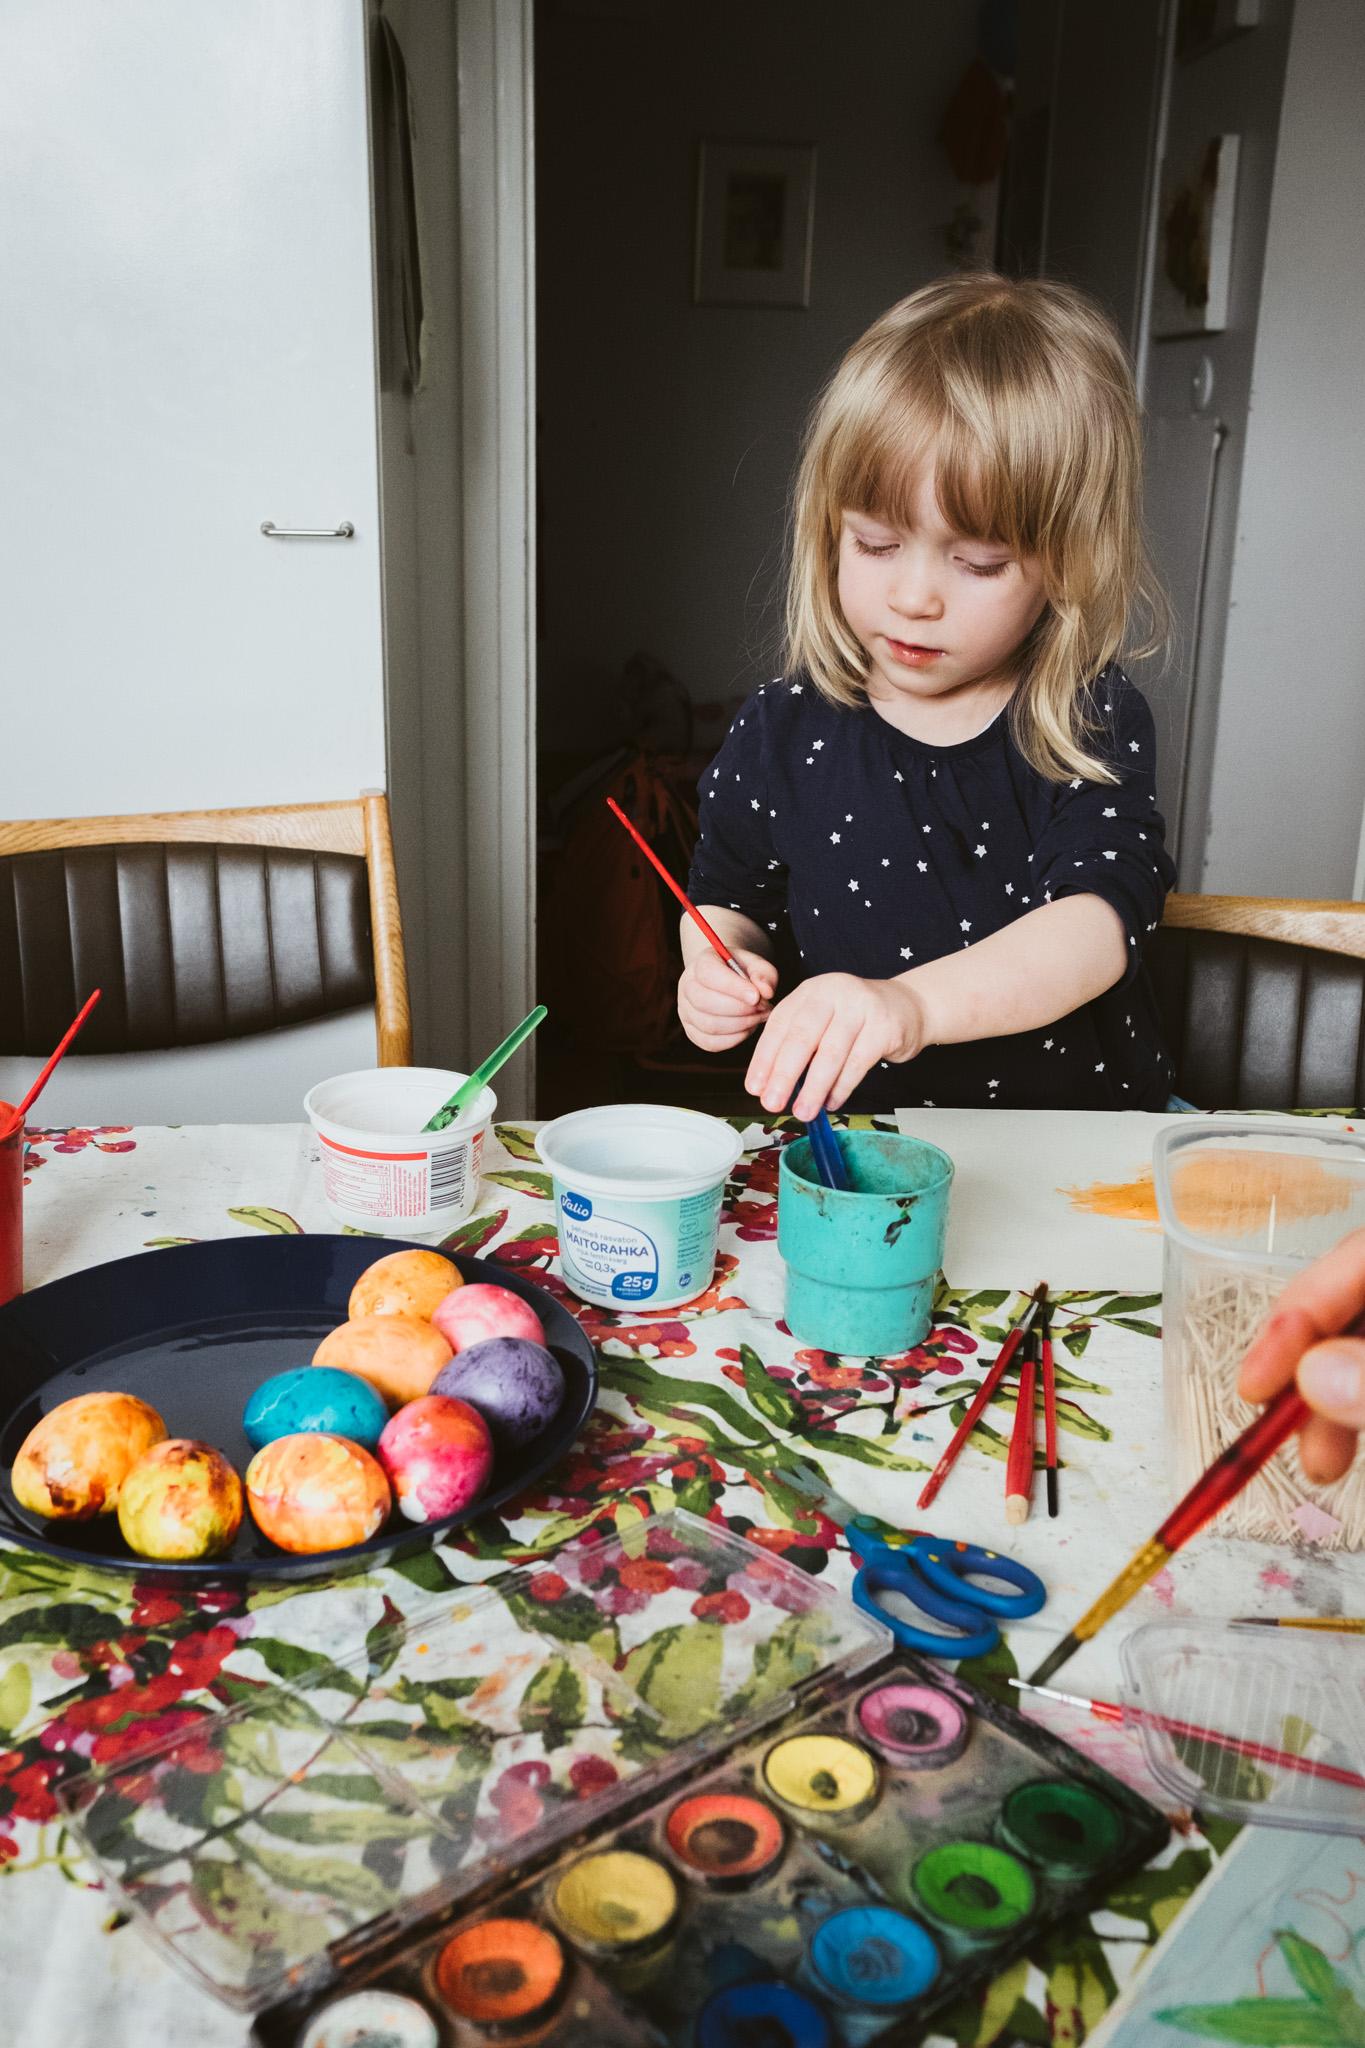 2018-03-18-Easter eggs - Maija-21_LR edited_web.jpg